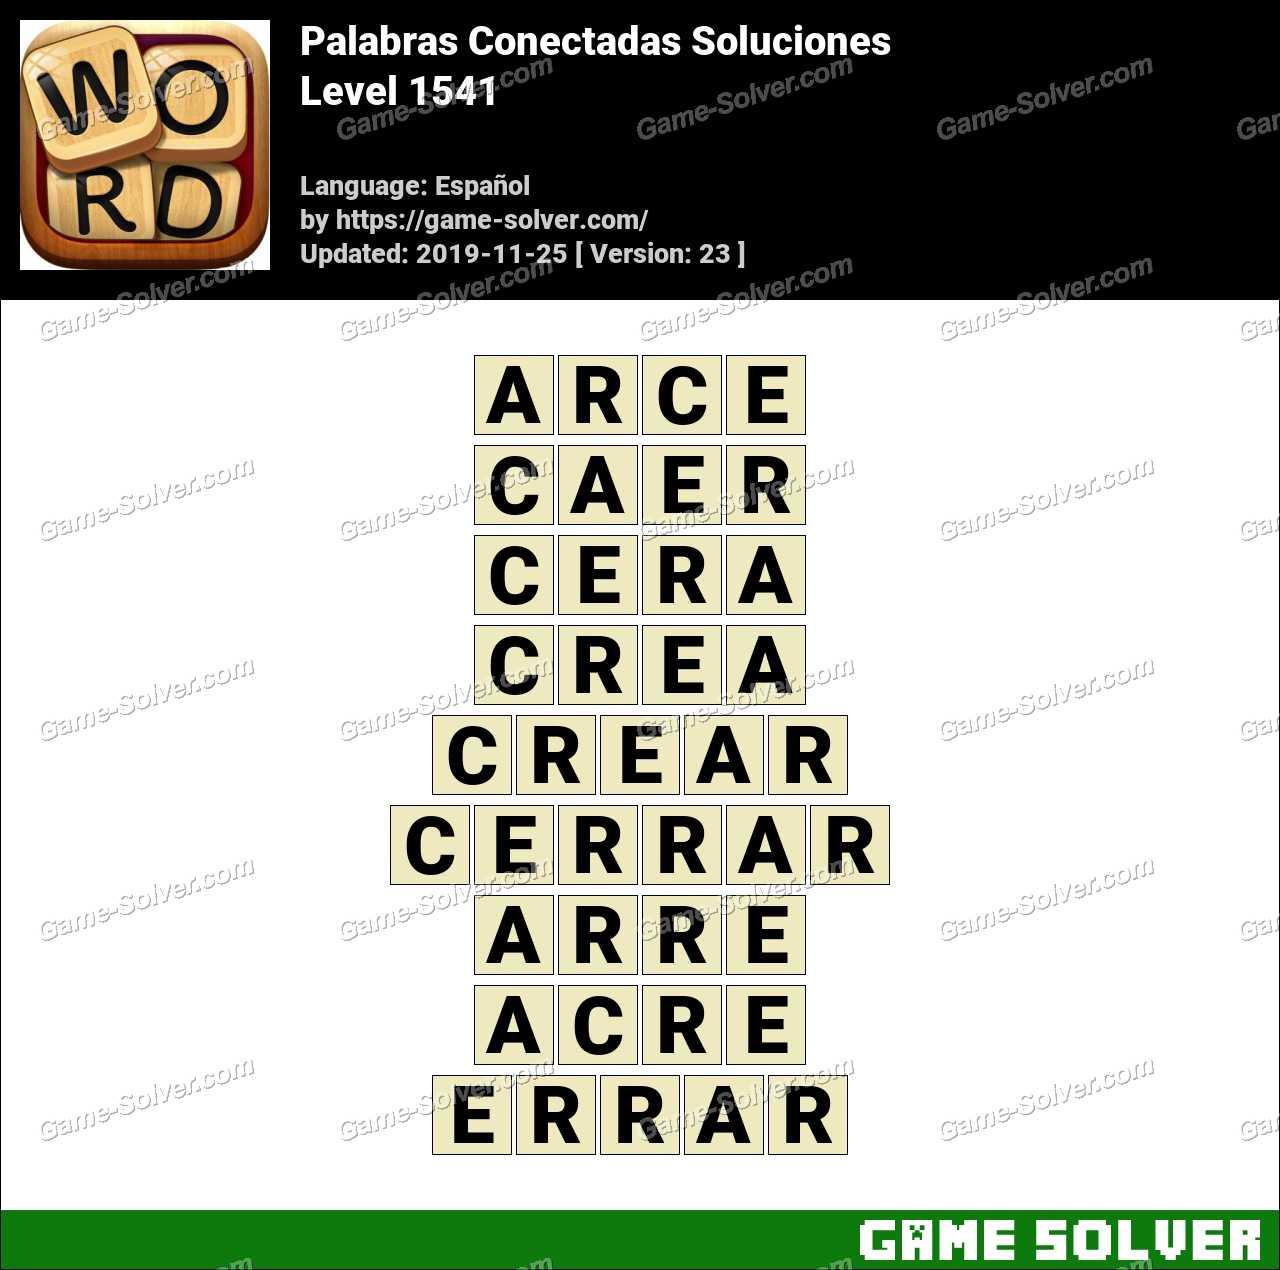 Palabras Conectadas Nivel 1541 Soluciones